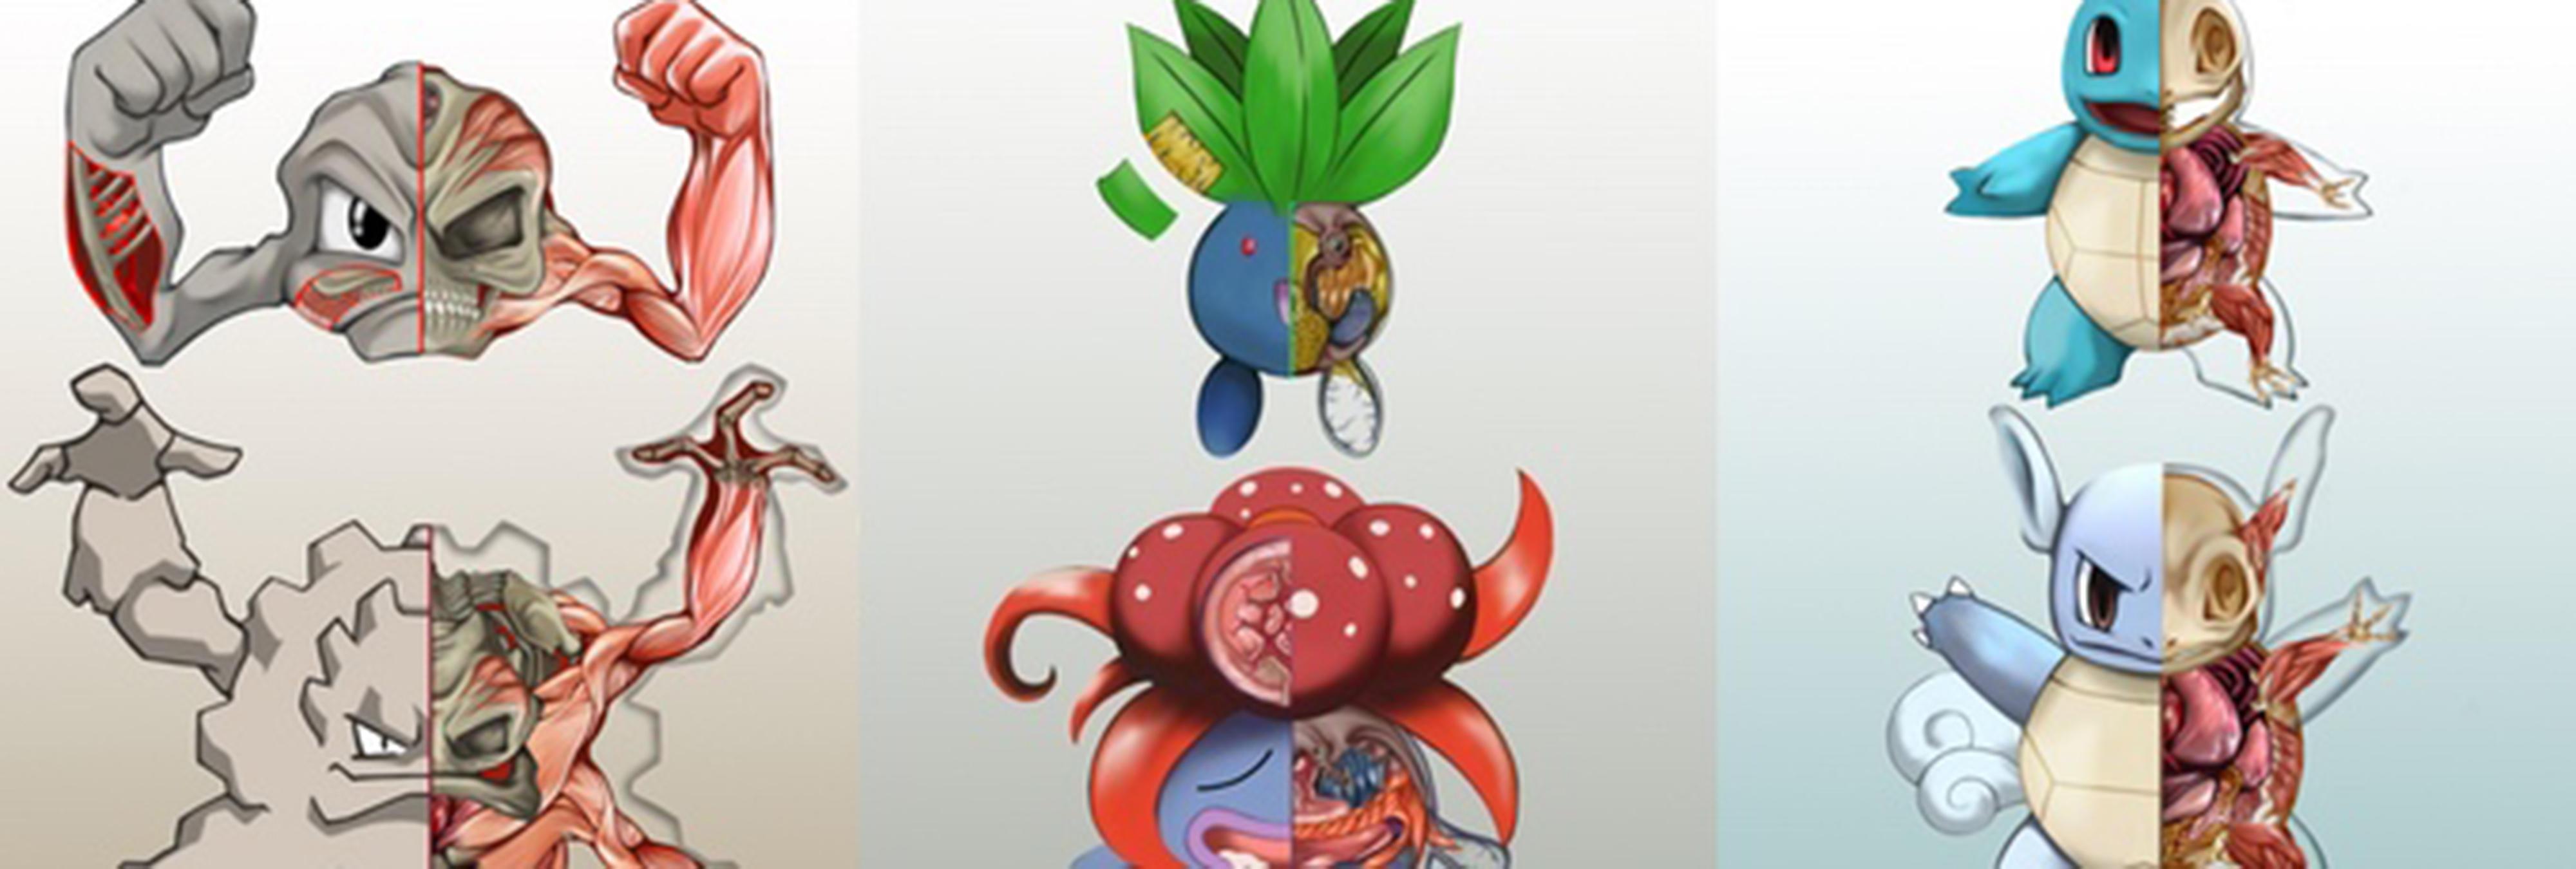 La \'PokéNatomy\', una guía anatómica de todos los Pokémon originales ...